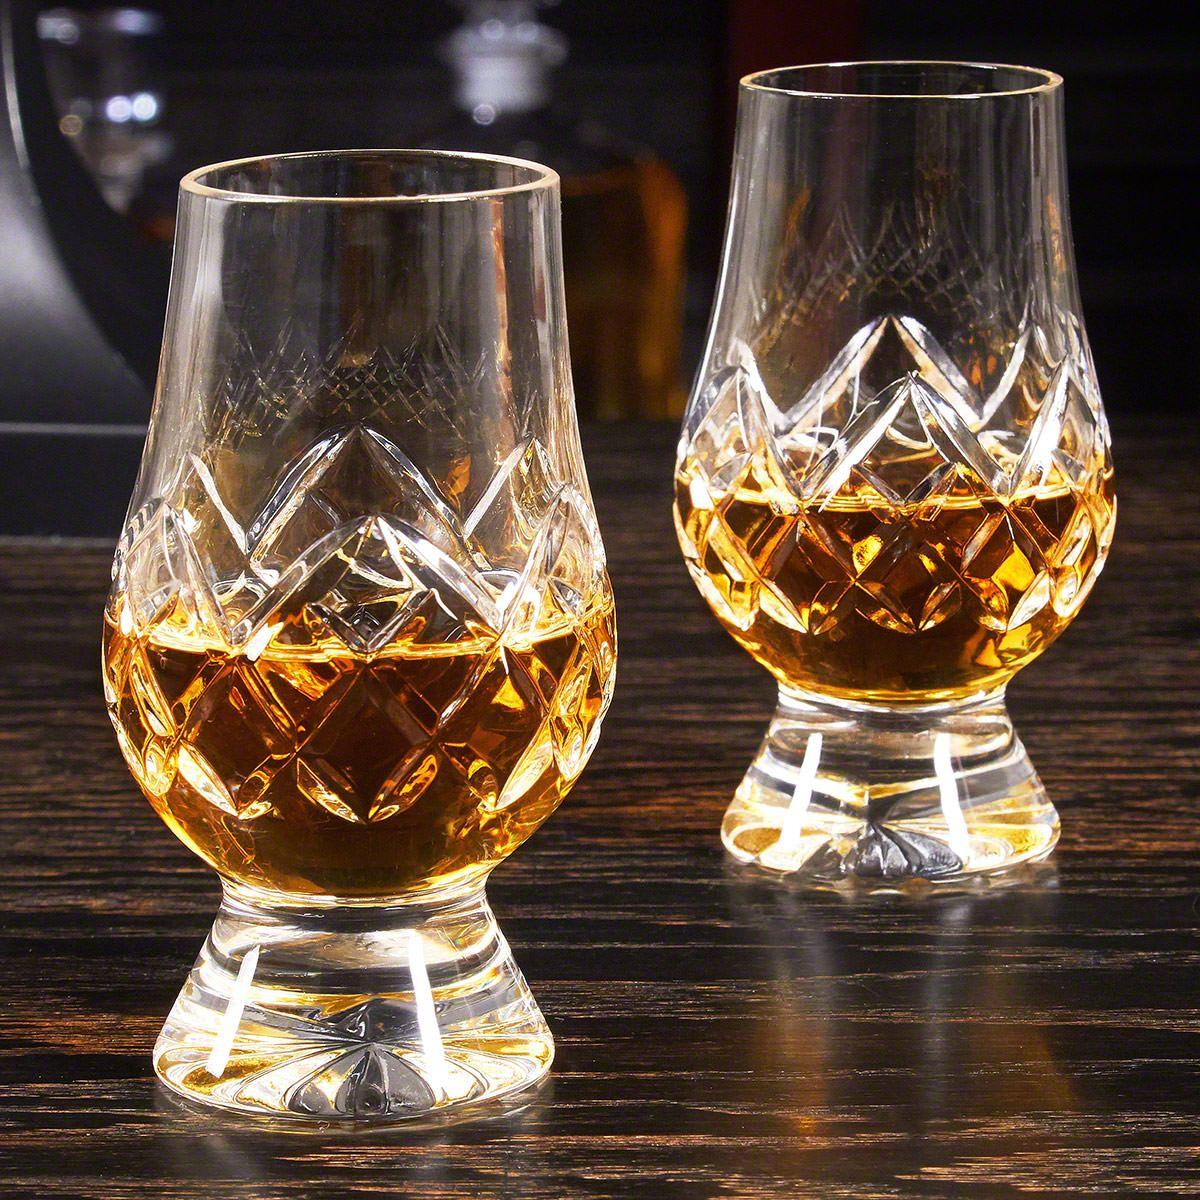 Glencairn Cut Crystal Whiskey Glasses